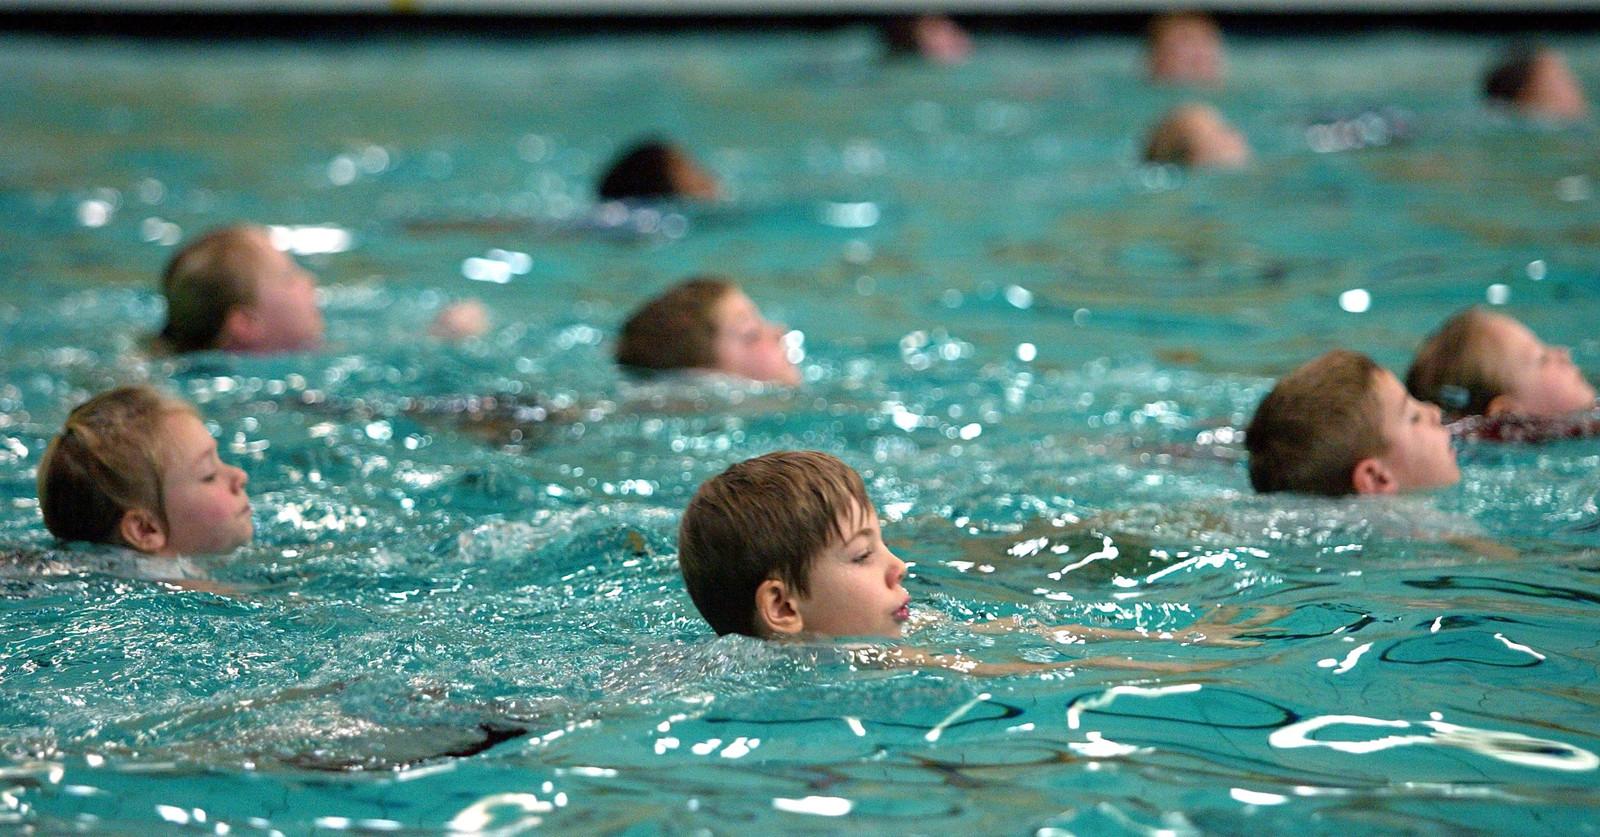 De veiligheid van het schoolzwemmen staat ter discussie nadat een negenjarig meisje uit het oog werd verloren en verdronk. De rechter achtte drie badmeester schuldig.